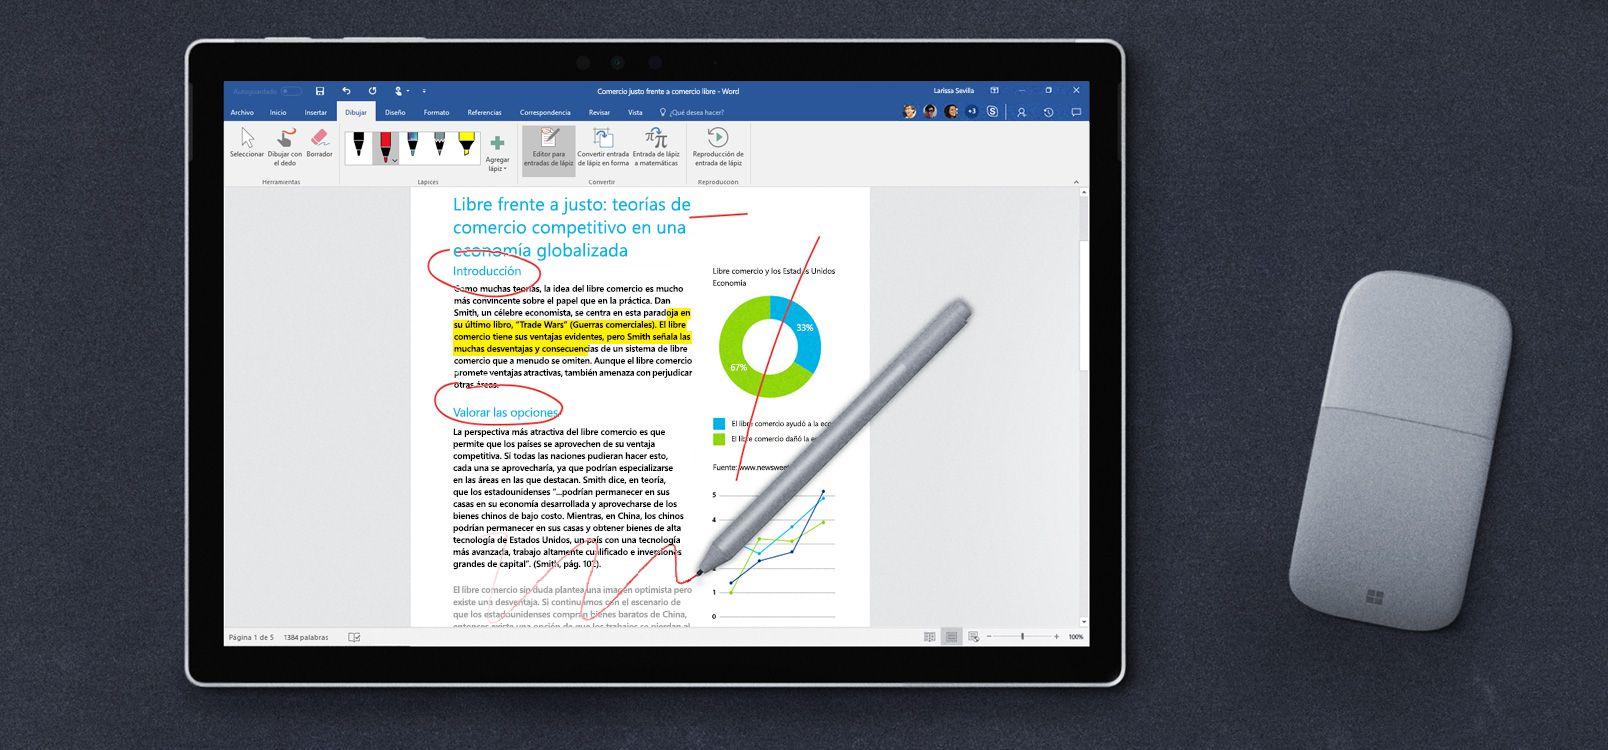 Pantalla de una tableta en la que se muestra el Editor para entradas de lápiz